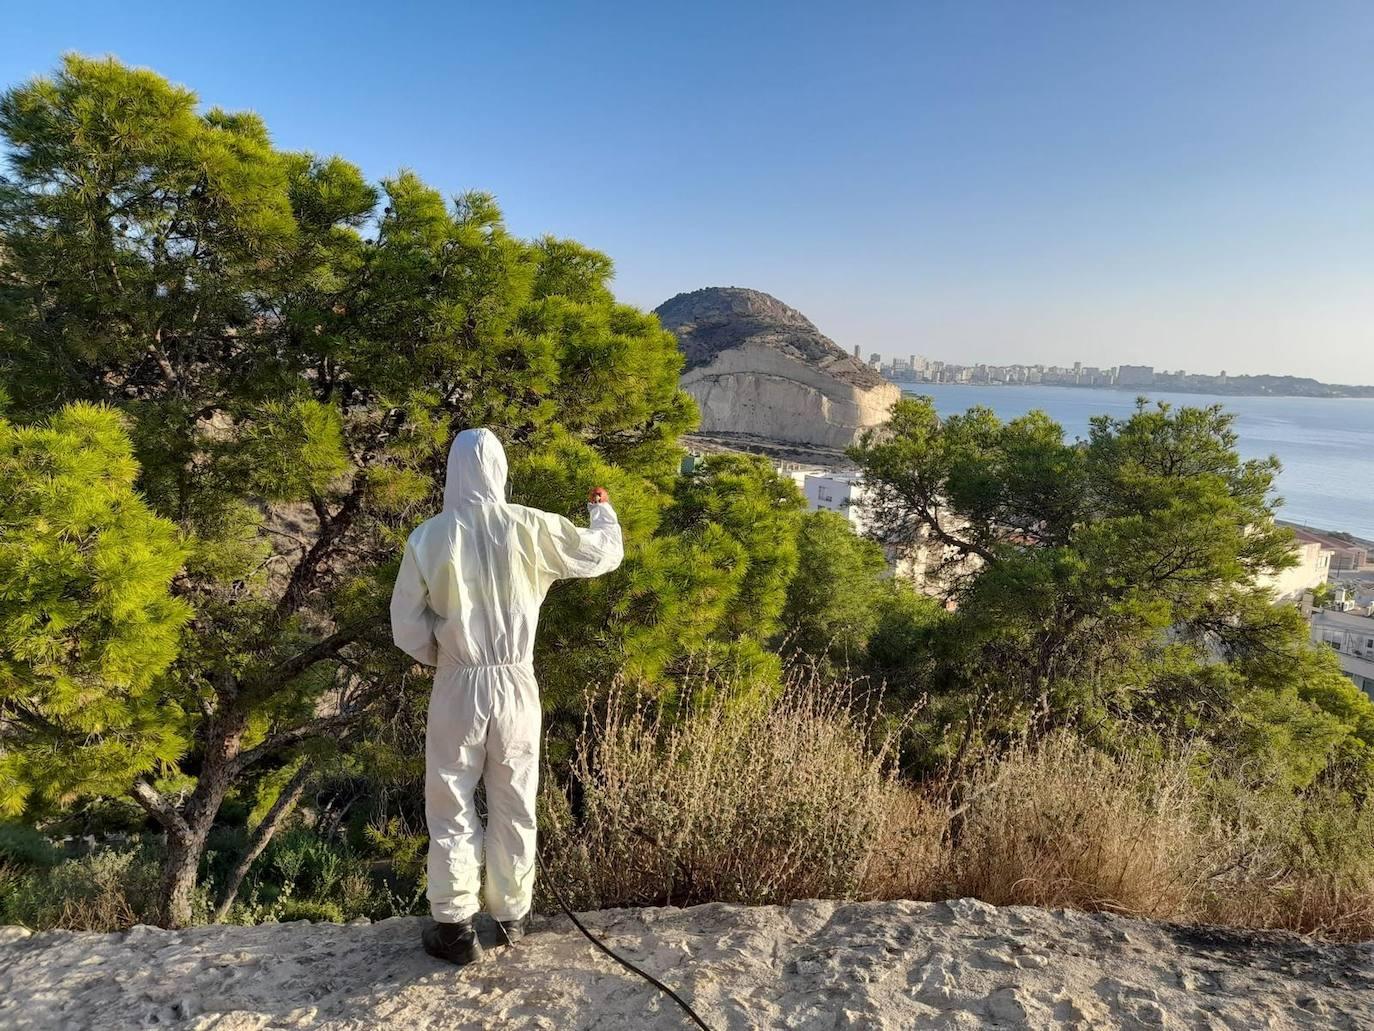 Aceleran el tratamiento contra la procesionaria en las pinadas de Alicante